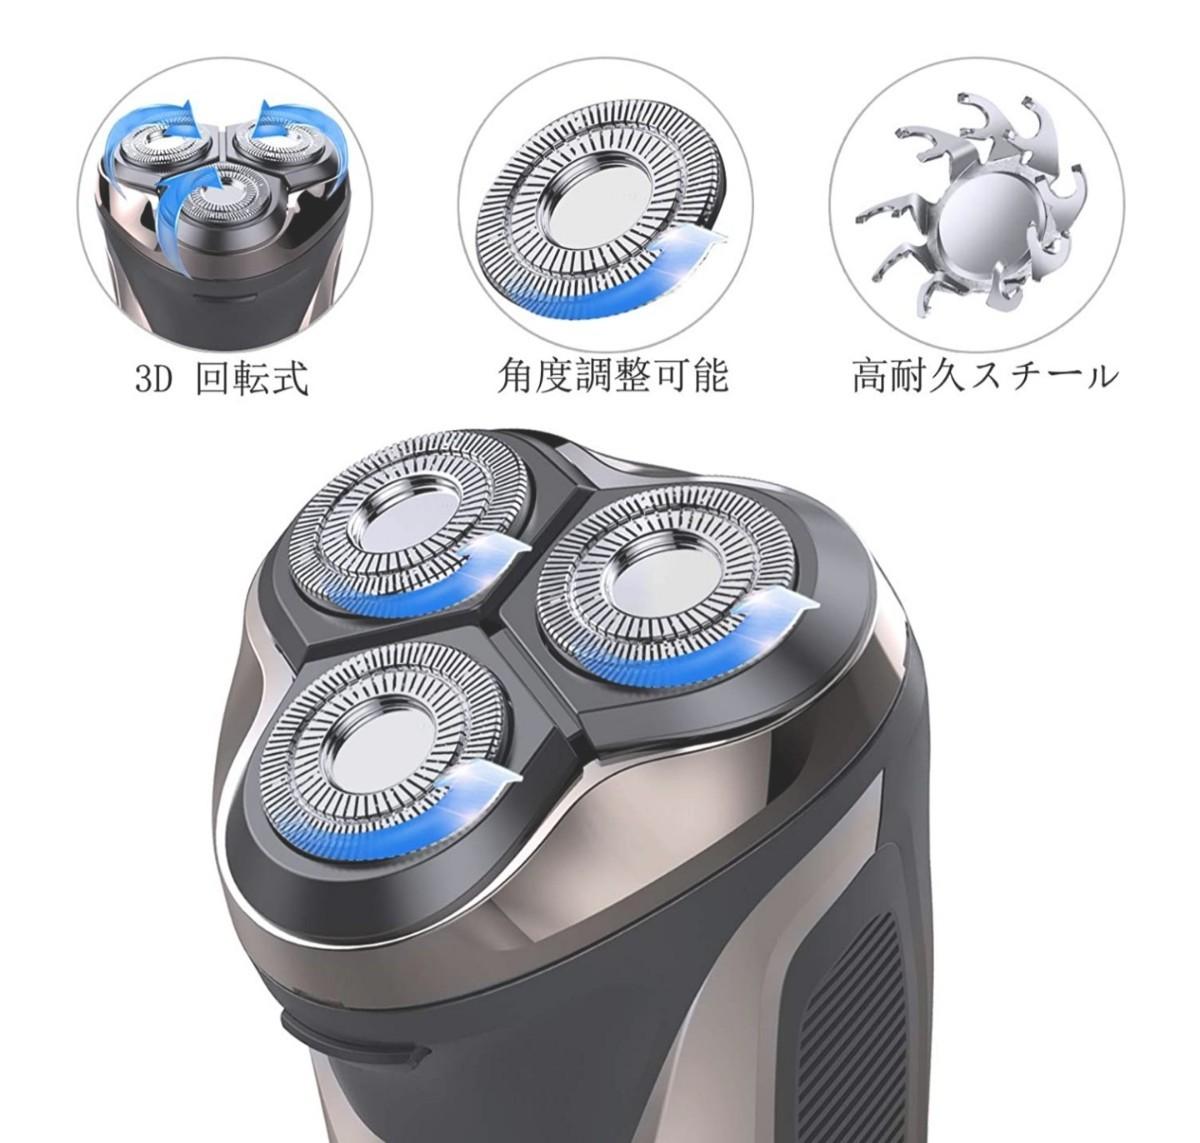 値下げ中【即日発送】電気シェーバー 、水洗い シェーバー